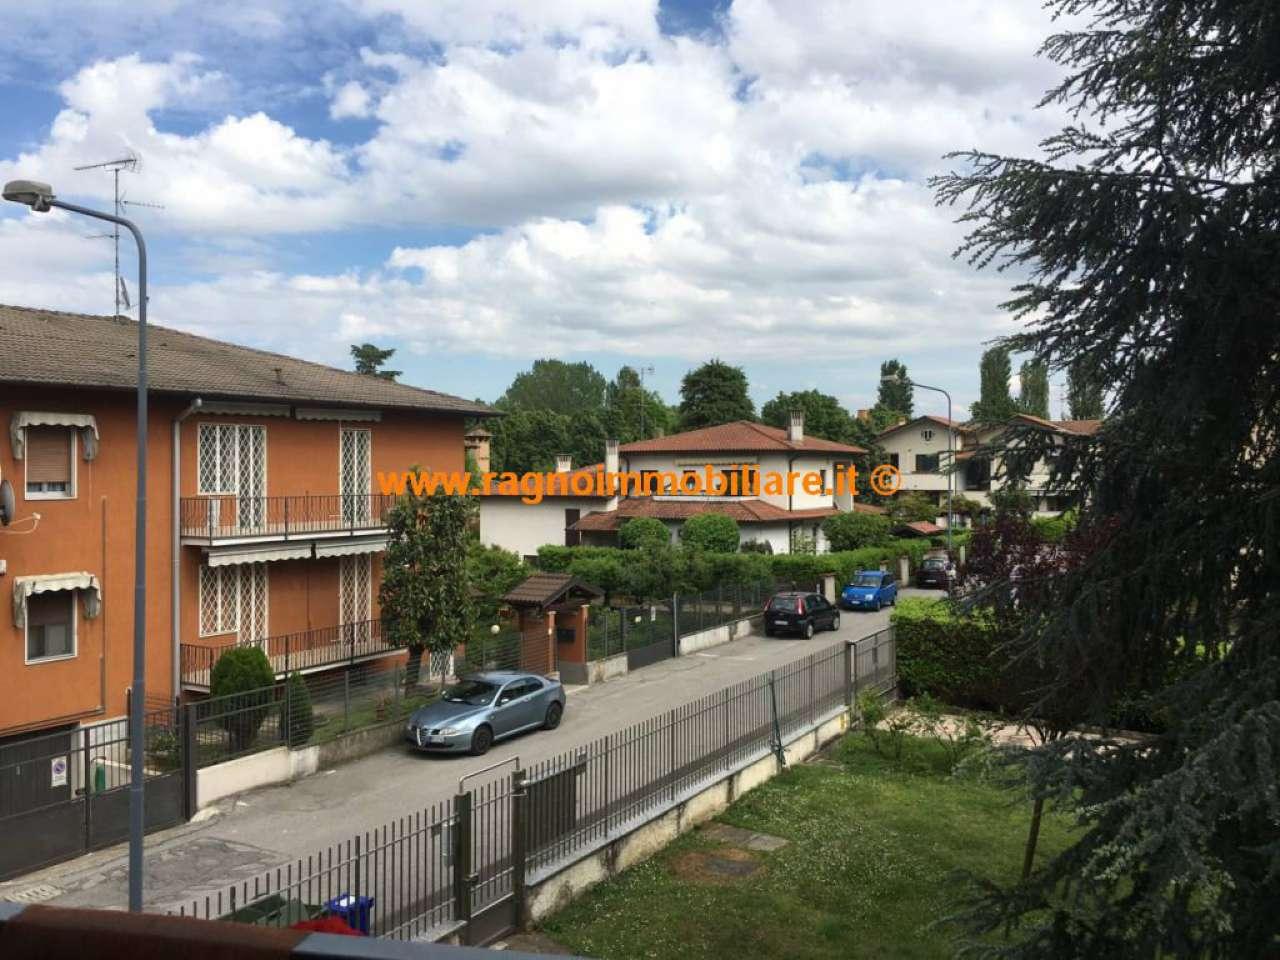 Appartamento in vendita a Binasco, 3 locali, prezzo € 119.000 | Cambio Casa.it